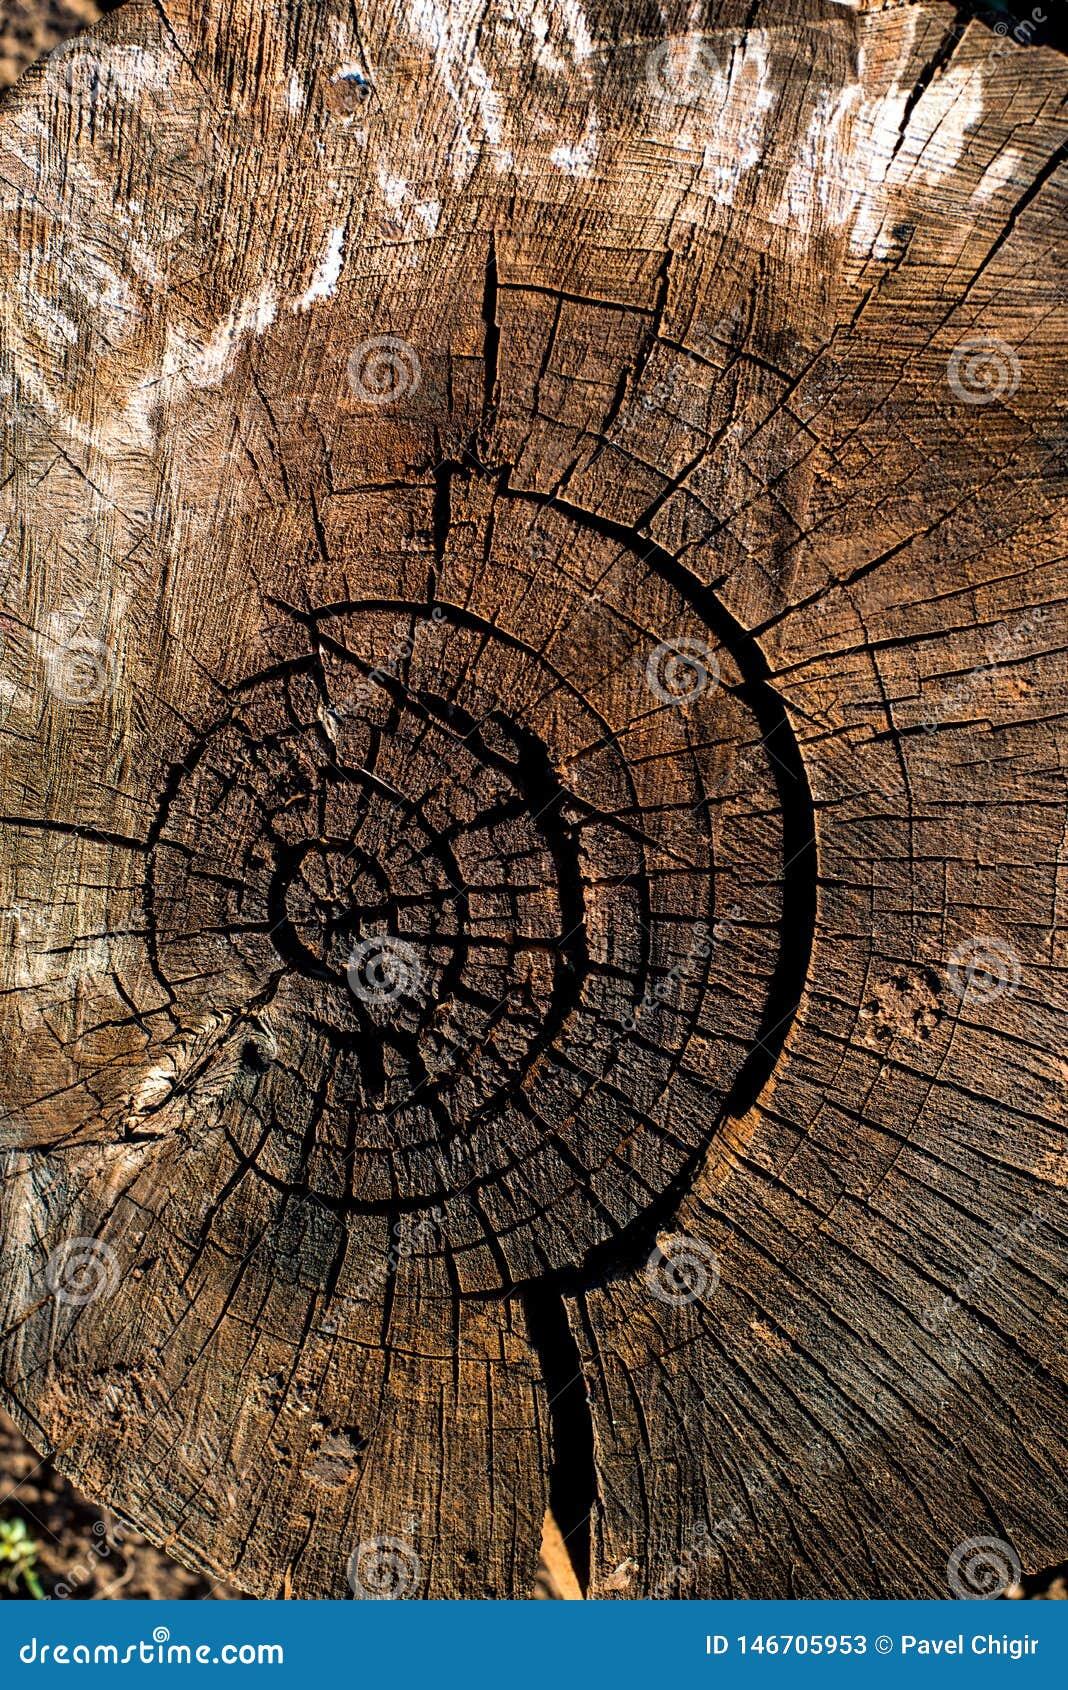 Lang gef?llt, der Stumpf ziemlich trocken Einzigartiges Muster von Natur aus geschaffen